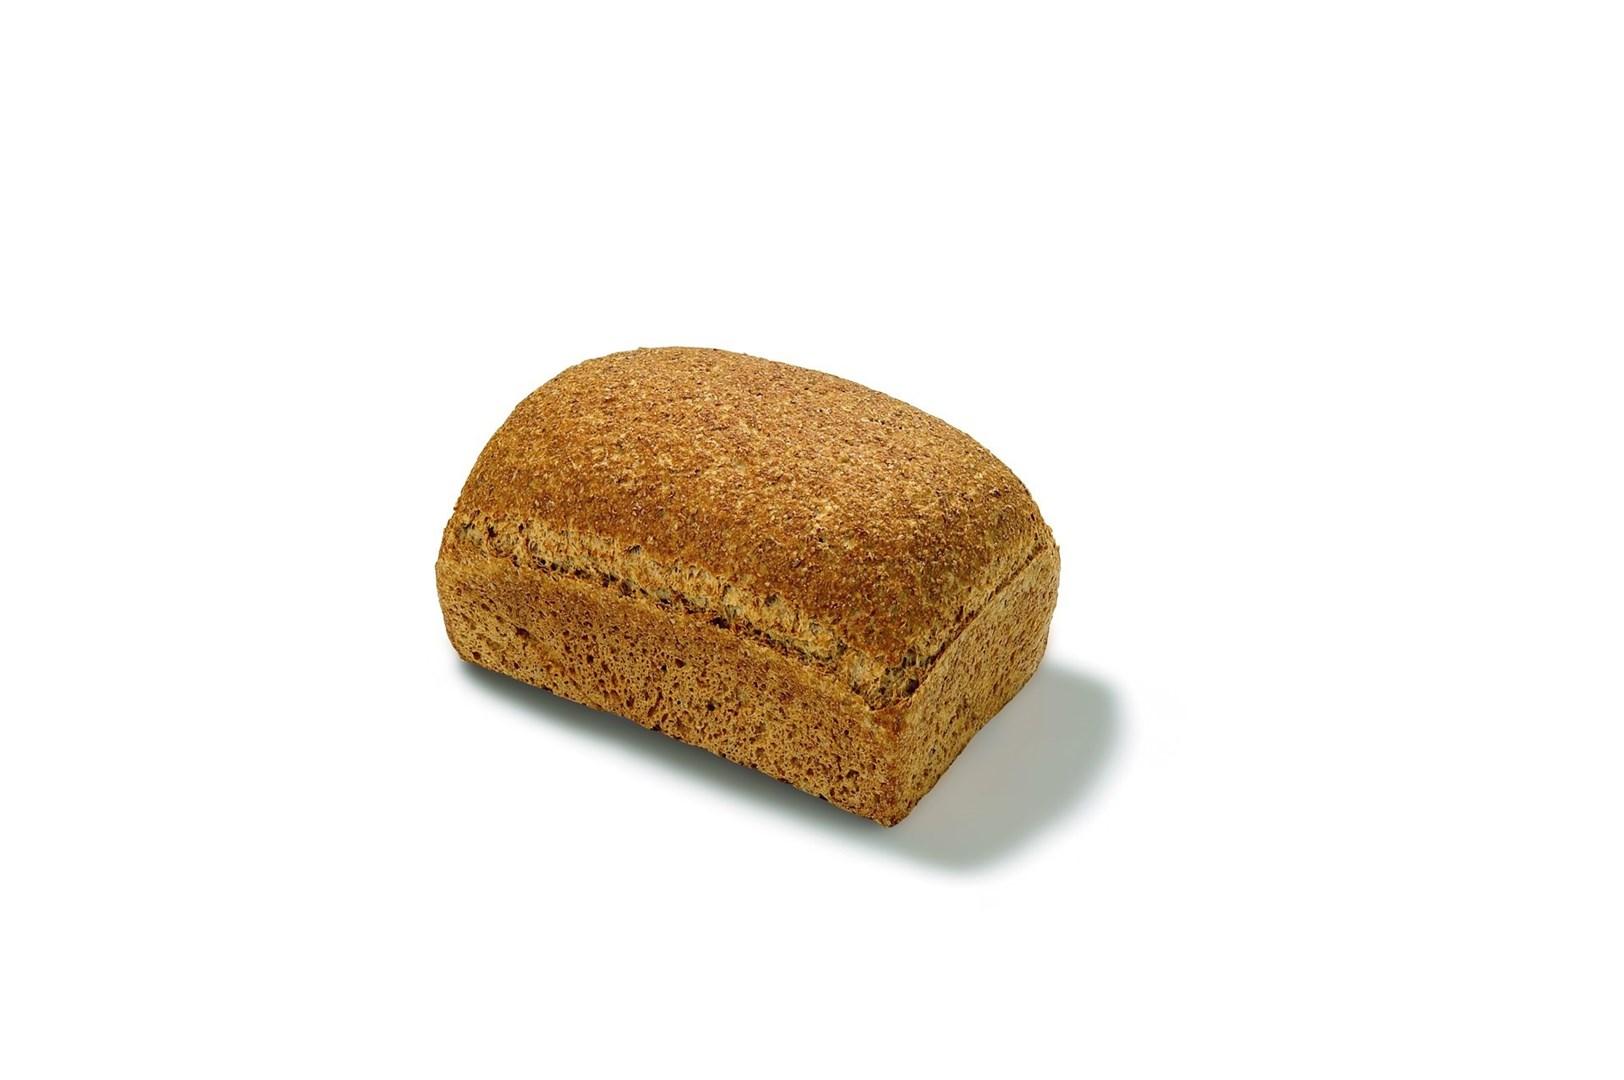 Productafbeelding brood integraal diepvries